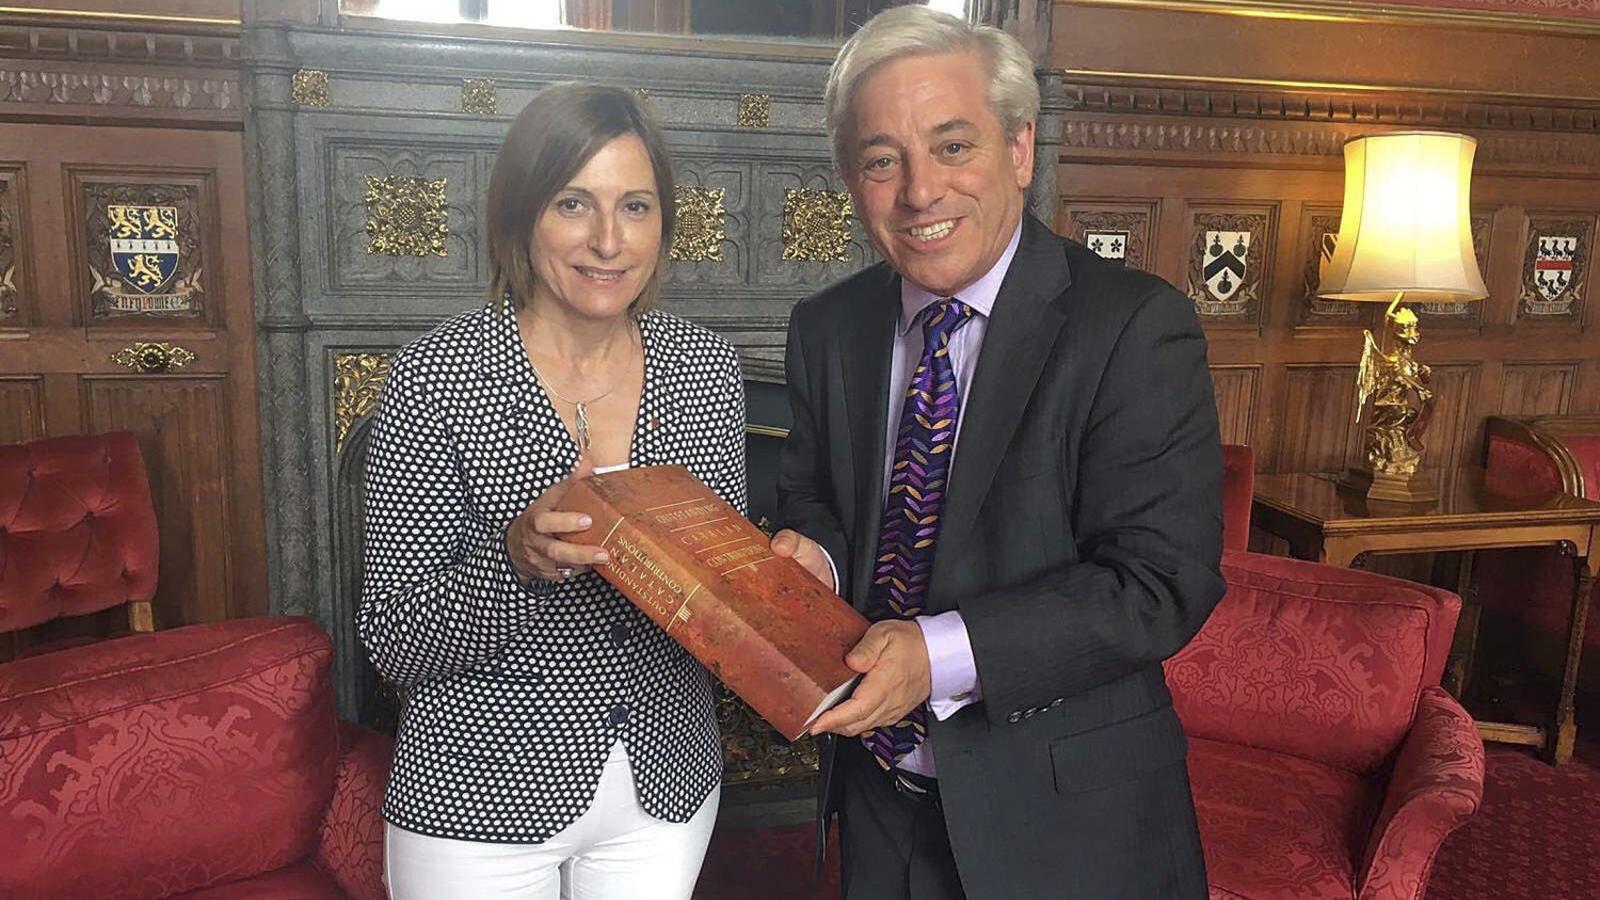 El president del Parlament britànic diu que permetria un debat sobre la independència i dona suport a Forcadell